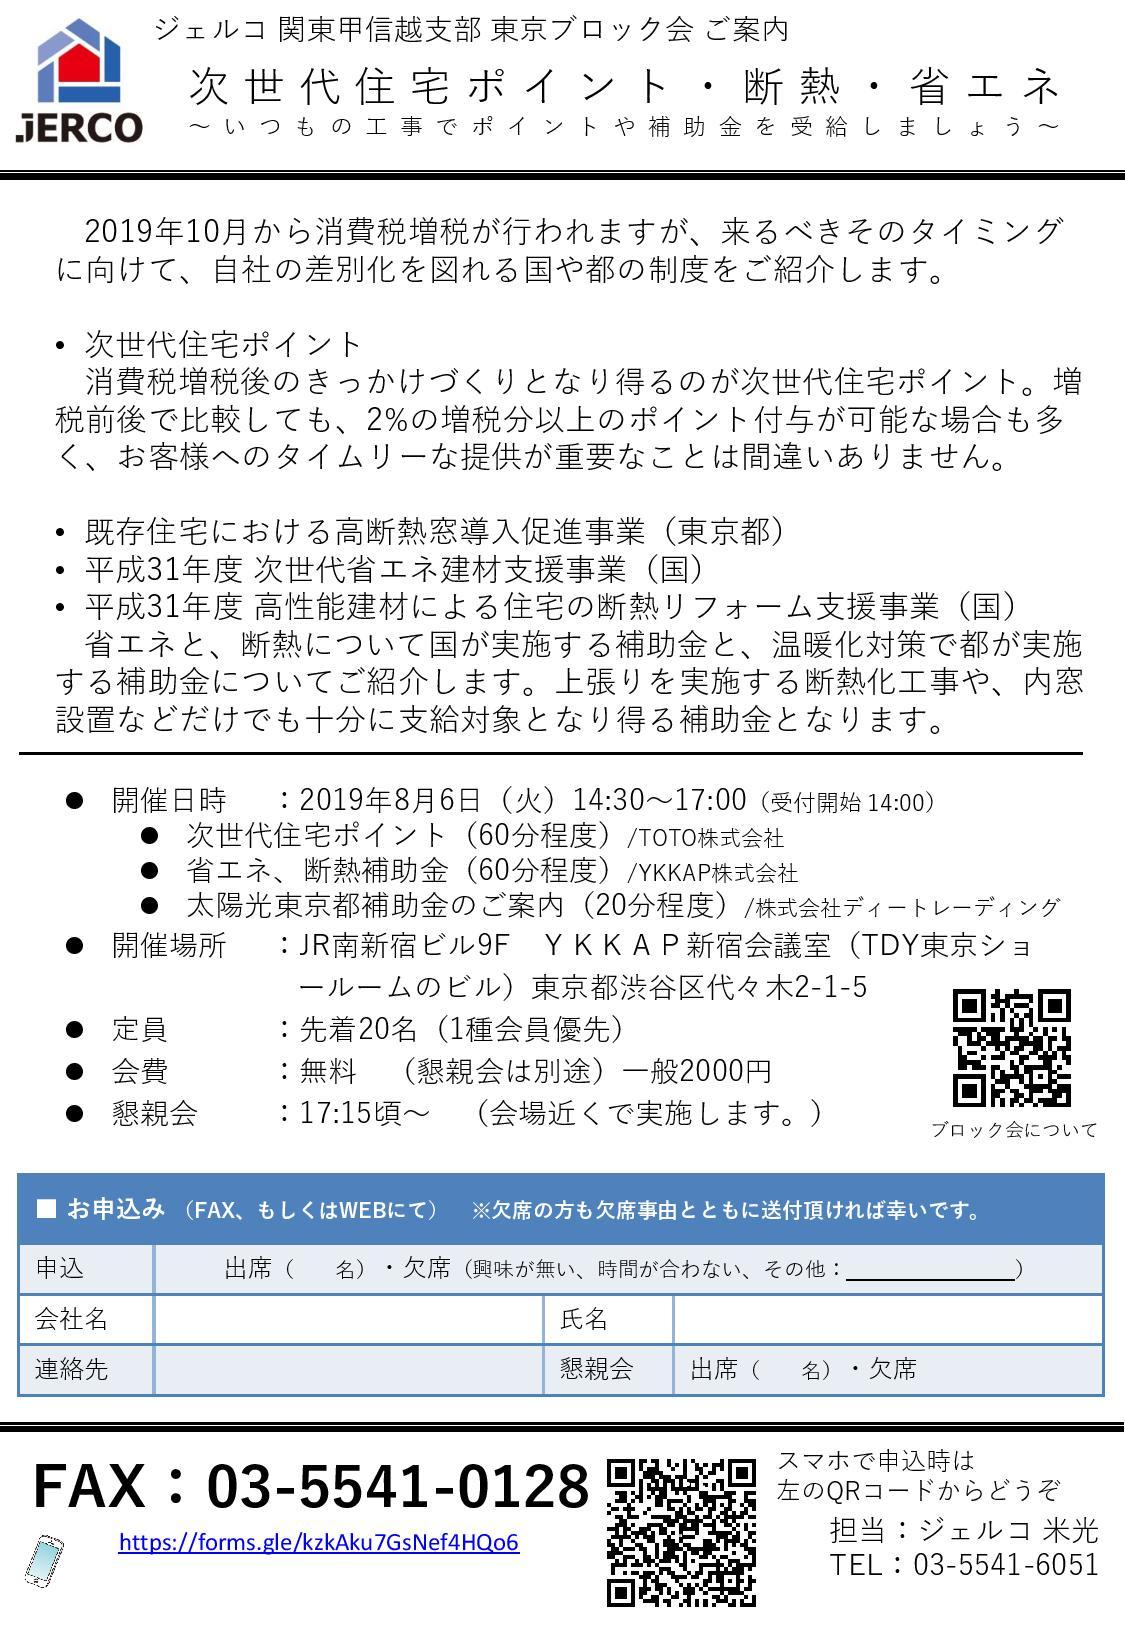 次世代住宅ポイント&断熱・省エネ補助金を活用しよう!【東京ブロック/2019年8月6日】